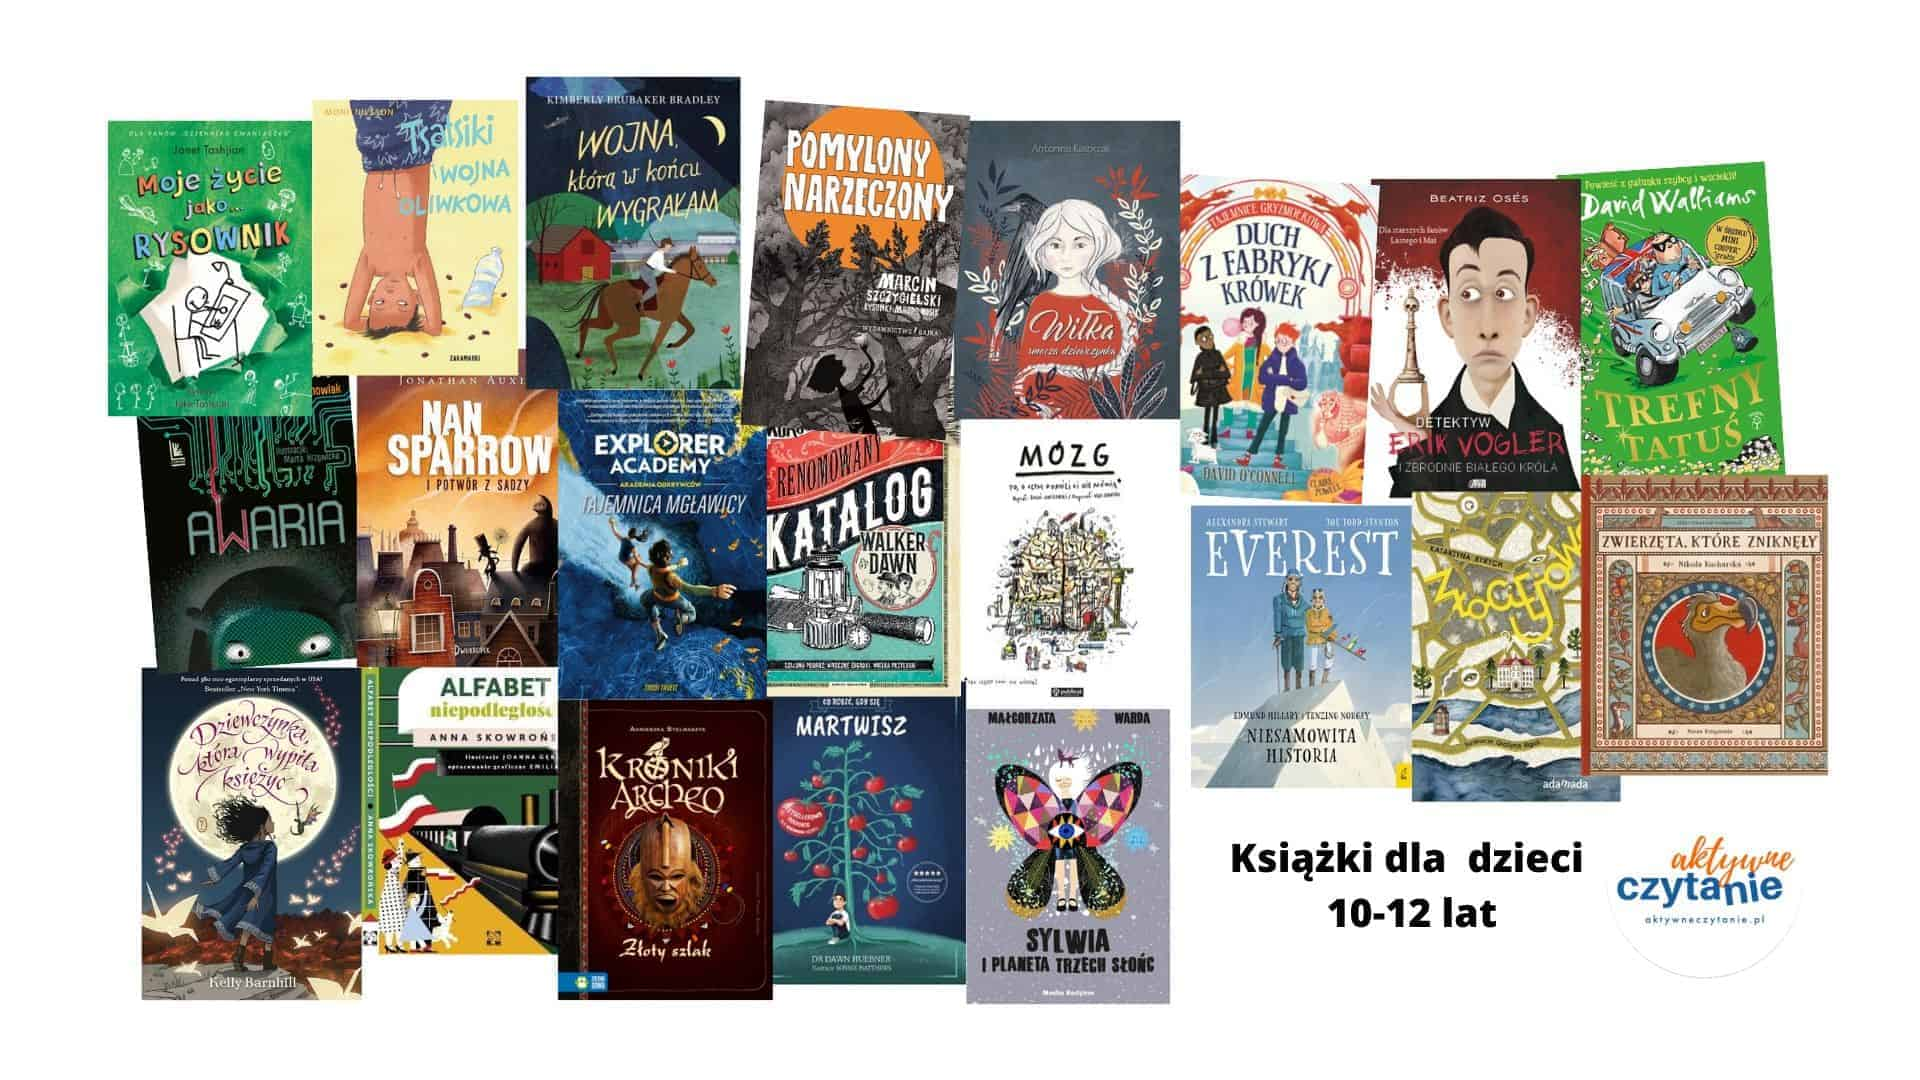 ksiazki-dla-dzieci-mlodziezy-11-12-10-lat-aktywne-czytanie